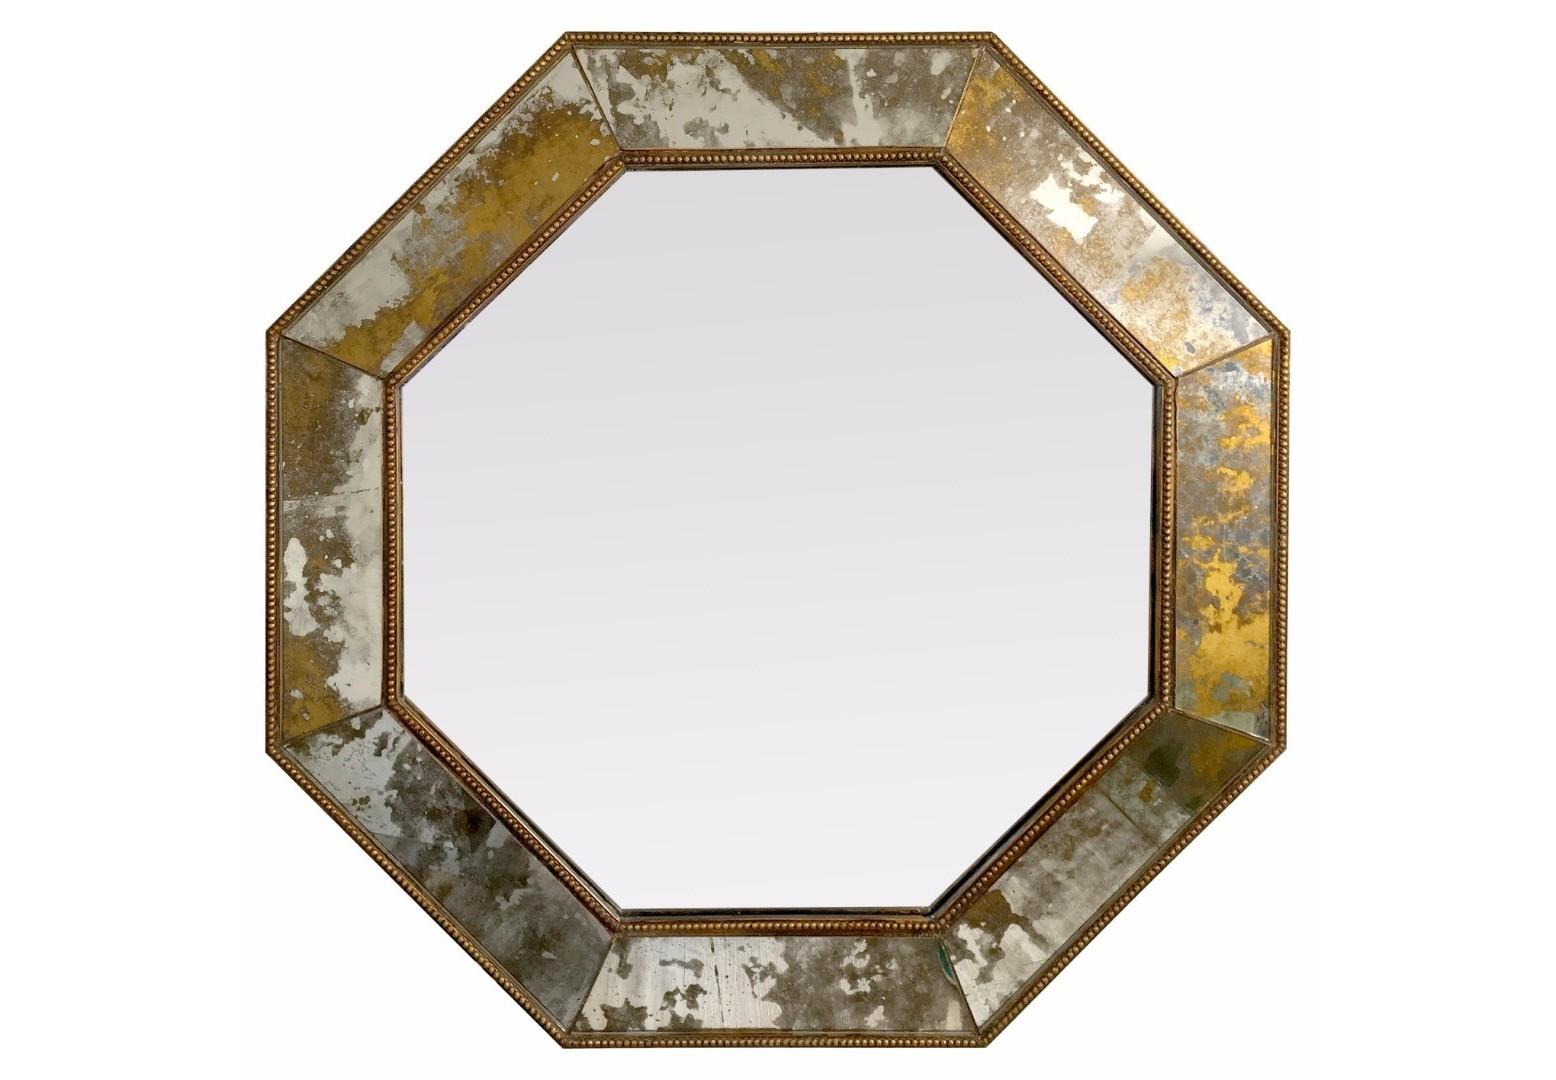 Зеркало CharlesНастенные зеркала<br>&amp;lt;div&amp;gt;Коллекции&amp;amp;nbsp;&amp;lt;span style=&amp;quot;font-size: 14px;&amp;quot;&amp;gt;B-Home&amp;lt;/span&amp;gt;&amp;amp;nbsp;– это дизайнерские зеркала, зеркальная мебель и предметы интерьера. Все изделия от и до мы создаем сами в нашей мастерской. Каждое – это уникальное произведение, арт-объект со своей историей и мелодией. Мы следим за современными трендами, лично отбираем лучшие материалы и каждый день трудимся над созданием новых шедевров, которые будут радовать вас. Если вы ищете что-то действительно качественное, стоящее и эксклюзивное, что сделано с душой и руками человека,&amp;amp;nbsp;&amp;lt;span style=&amp;quot;font-size: 14px;&amp;quot;&amp;gt;B-Home&amp;lt;/span&amp;gt;&amp;amp;nbsp;придется вам по вкусу!&amp;amp;nbsp;&amp;lt;/div&amp;gt;&amp;lt;div&amp;gt;&amp;lt;br&amp;gt;&amp;lt;/div&amp;gt;&amp;lt;div&amp;gt;Возможно изготовление по Вашим цветам и размерам.&amp;lt;/div&amp;gt;<br><br>Material: Дерево<br>Ширина см: 64.0<br>Высота см: 64.0<br>Глубина см: 5.0